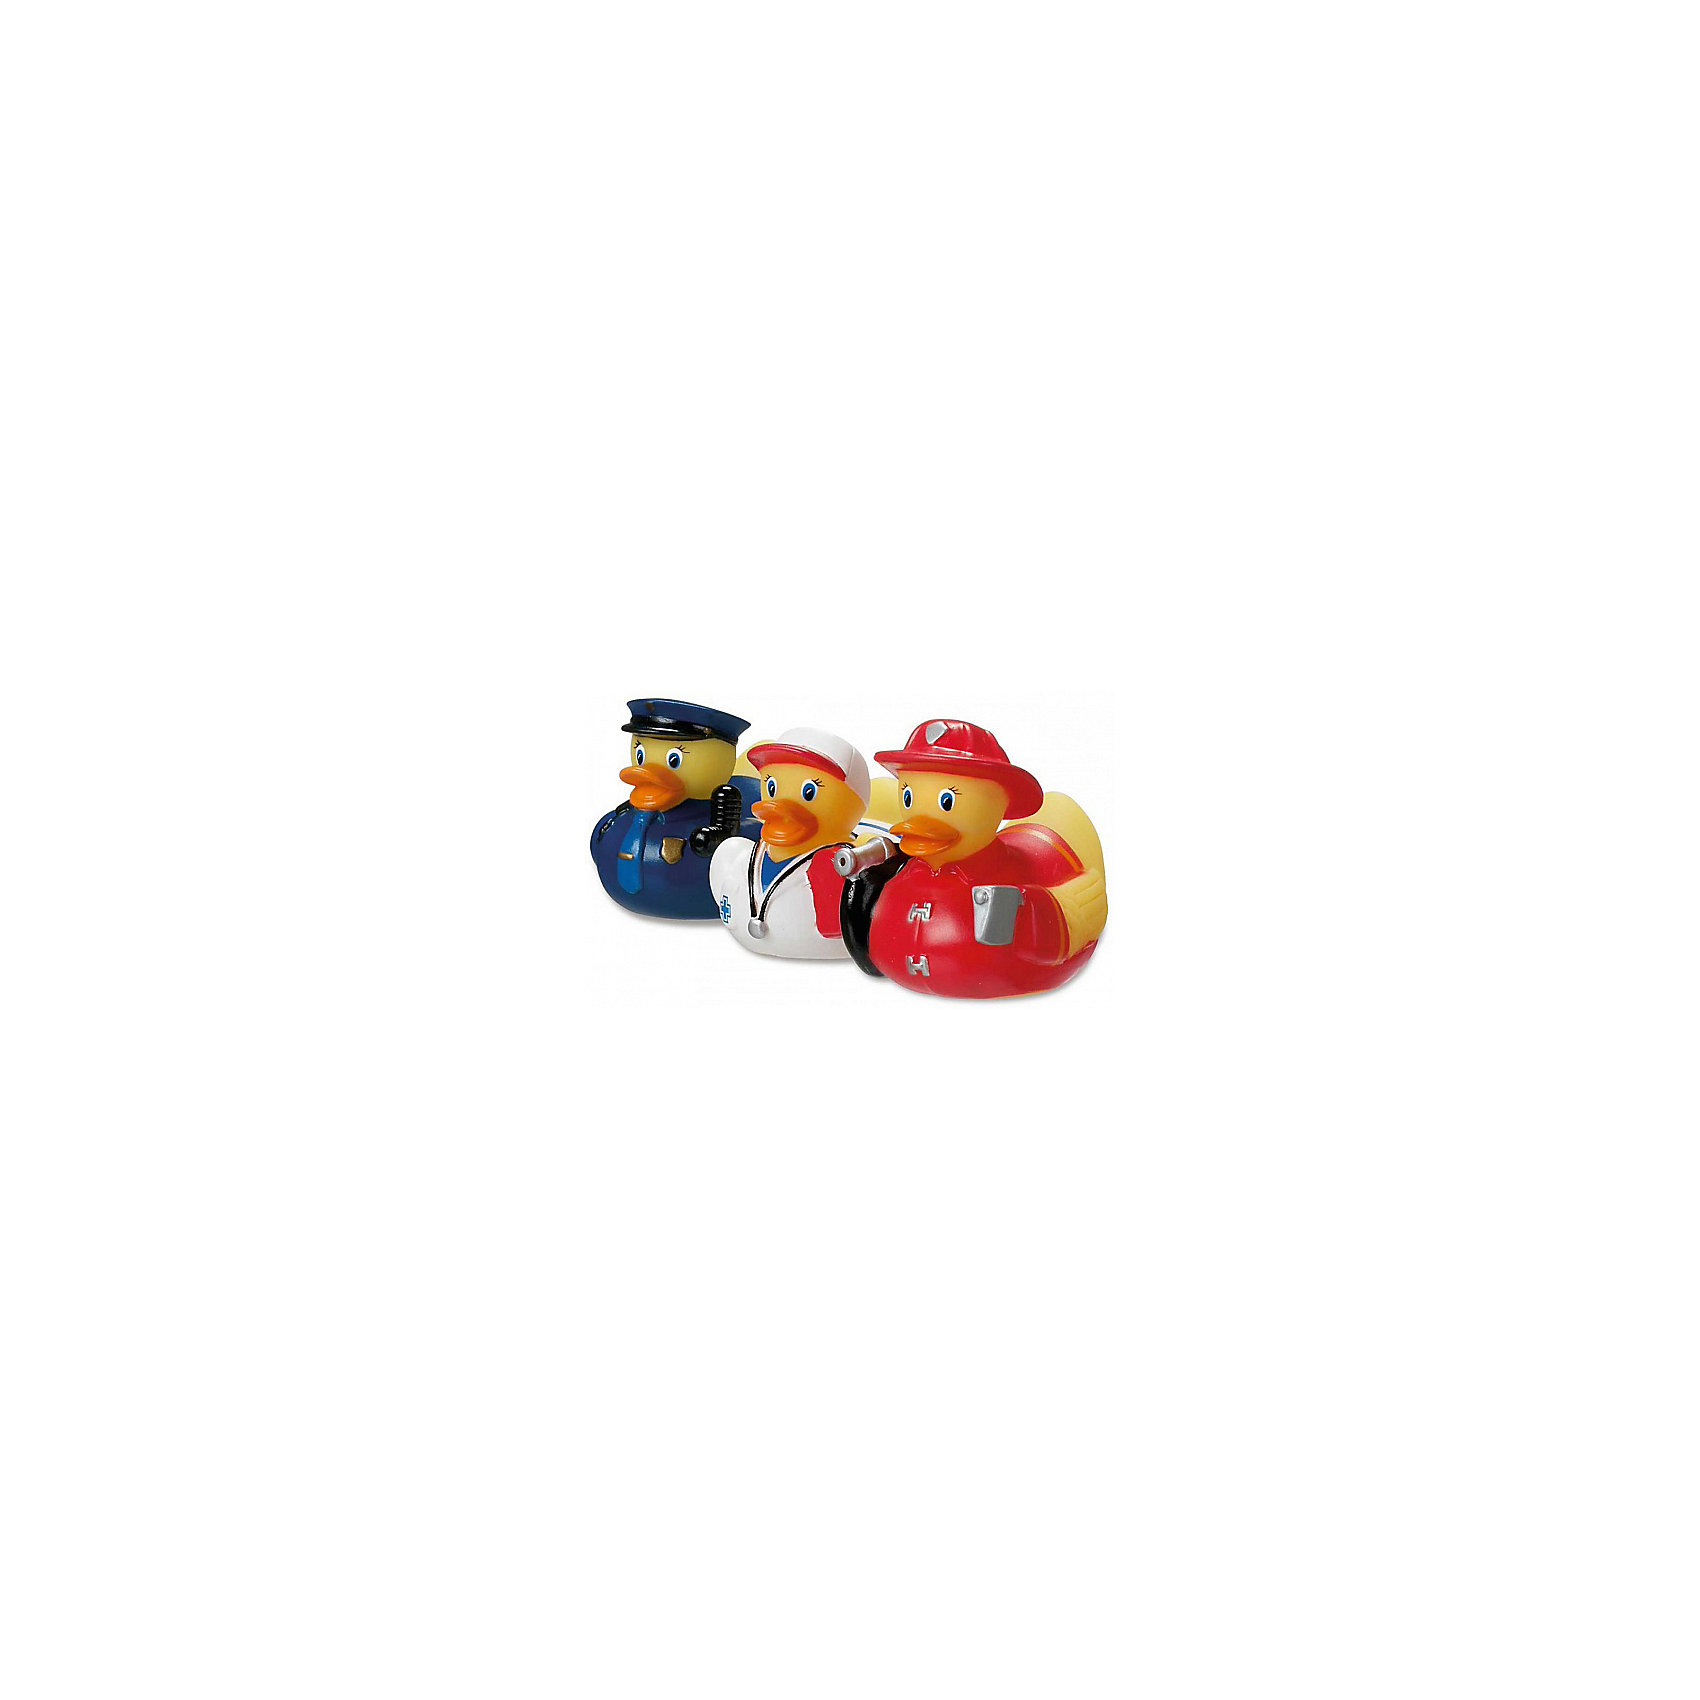 Игрушка для ванной Уточки, MunchkinИгрушка для ванной Уточки, Munchkin (Манчкин) – эта игрушка доставит малышу немало веселых минут во время купания!<br>Игрушки для ванной Уточки Munchkin (Манчкин) сделают процесс купания веселым и разнообразным. Игрушки имеют эргономичную форму и удобны для маленьких детских ручек. Малыш легко сможет схватить мокрую игрушку. Веселые уточки могут не только плавать, но и разбрызгивать воду.<br><br>Дополнительная информация:<br><br>- В комплекте: 3 уточки в разных костюмчиках<br>- В ассортименте: уточки Спасатели , уточки Спортсменки<br>- Материал: ПВХ<br>- Размер упаковки: 13 х 8 х 17 см.<br>- Вес: 100 г.<br>- ВНИМАНИЕ! Данный товар представлен в ассортименте. К сожалению, предварительный выбор невозможен. При заказе нескольких единиц данного товара, возможно получение одинаковых<br><br>Игрушку для ванной Уточки, Munchkin (Манчкин) можно купить в нашем интернет-магазине.<br><br>Ширина мм: 130<br>Глубина мм: 80<br>Высота мм: 170<br>Вес г: 100<br>Возраст от месяцев: 9<br>Возраст до месяцев: 36<br>Пол: Унисекс<br>Возраст: Детский<br>SKU: 4142375